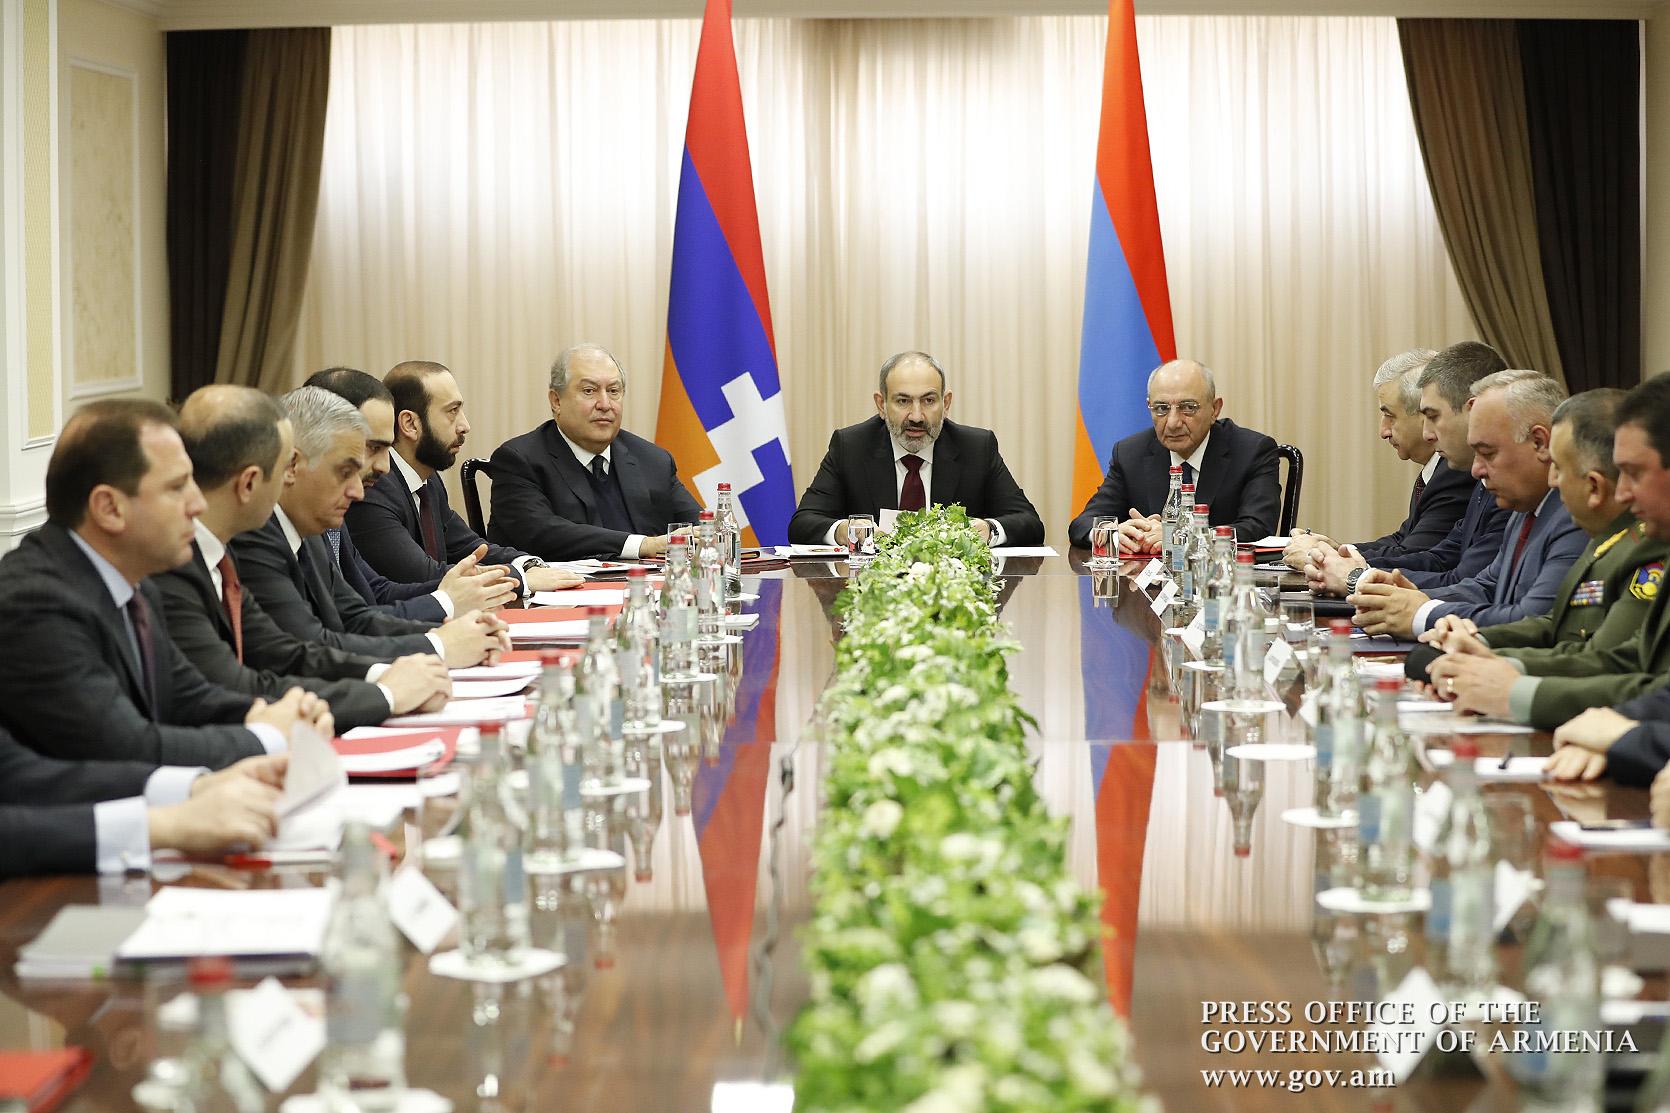 Ի՞նչ է քննարկվել Հայաստանի և Աչցախի անվտանգության խորհուրդների նիստի ժամանակ. մանրամասներ. «Հրապարակ»